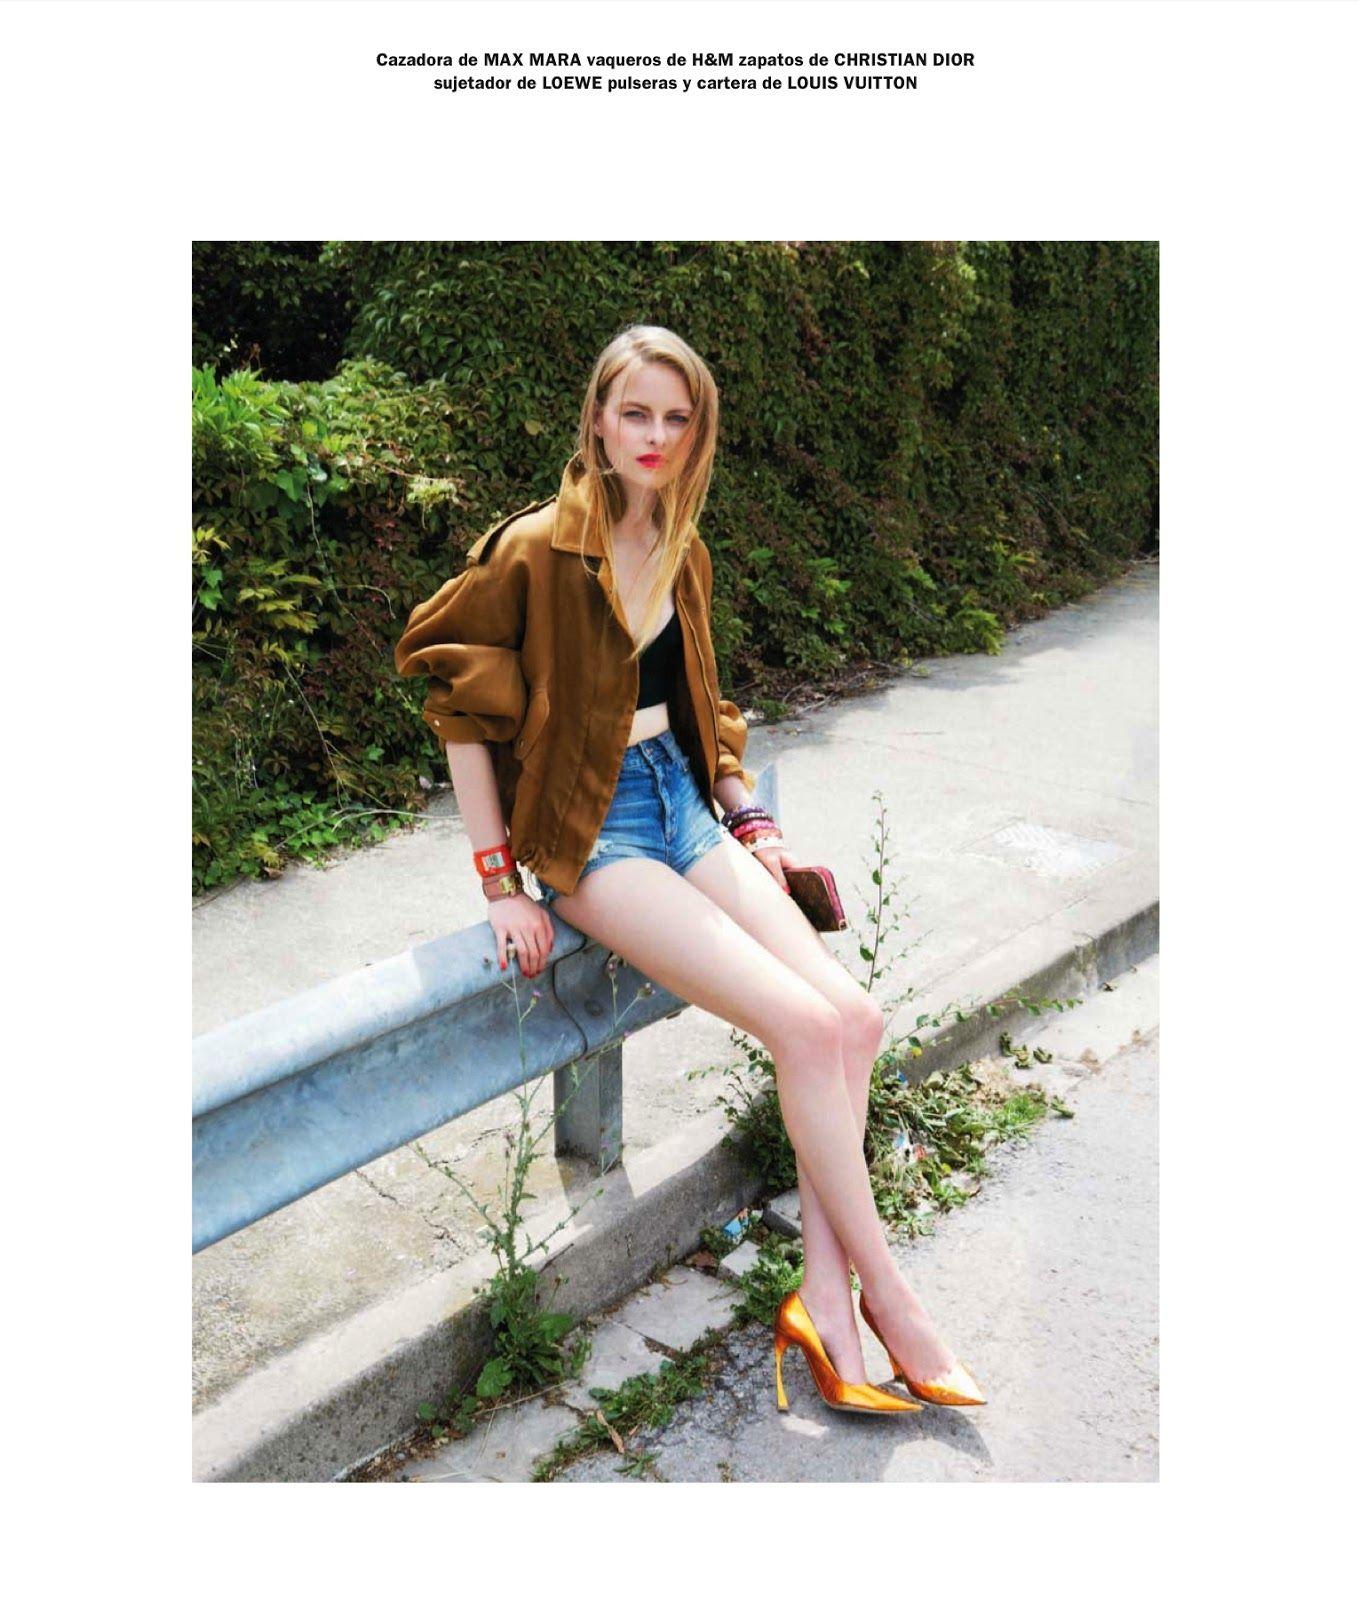 largo y calido verano: vera luijendijk by richard jensen for vanidad june 2013 | visual optimism; fashion editorials, shows, campaigns & more!